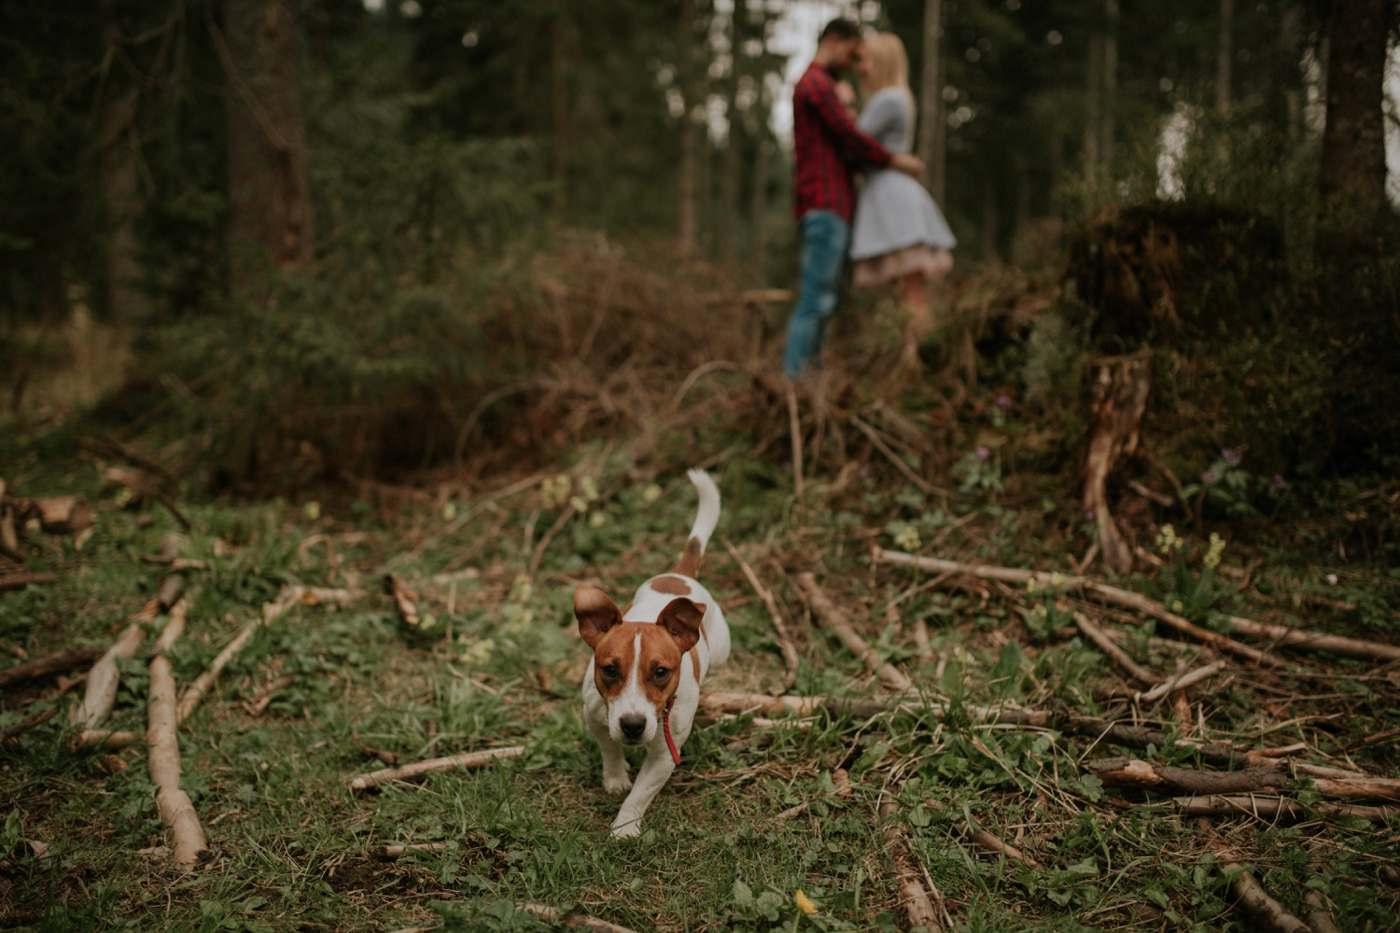 lesna sesja narzeczenska z psem, sesja z psem, sesja narzeczenska z psem, lesna sesja narzeczenska, sesja narzeczenska, sesja narzeczenska w gorach, sesja narzeczenska w tatrach, fotograf slubny, zdjecia slubne, plener slubny